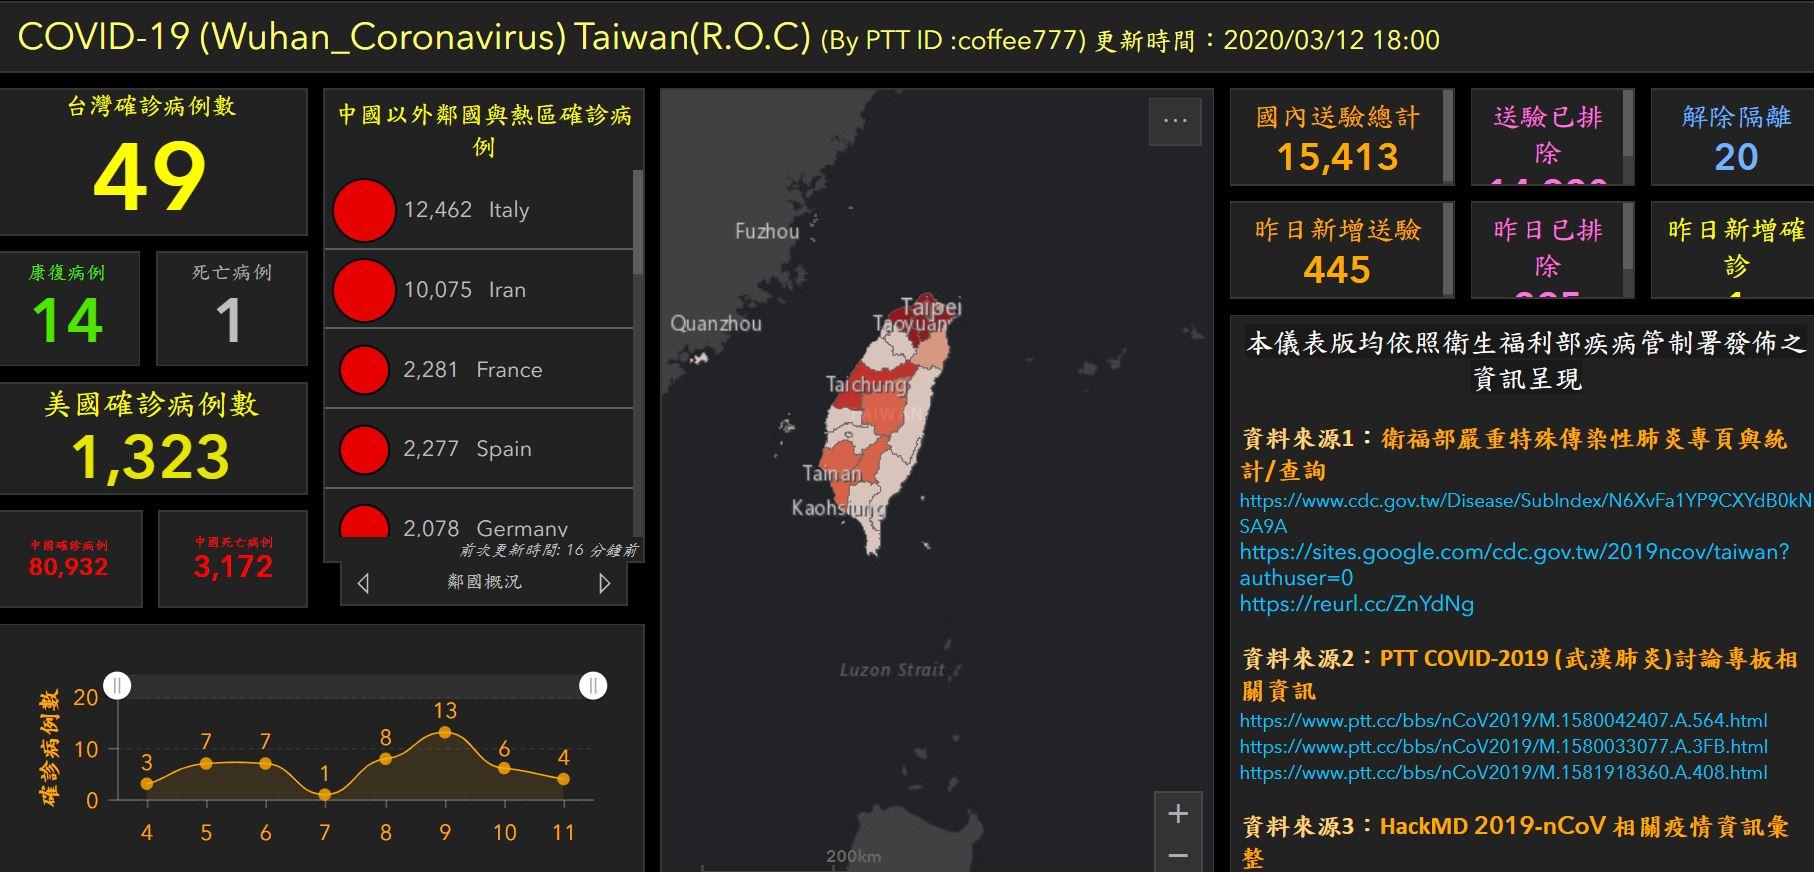 武漢肺炎全球分佈圖